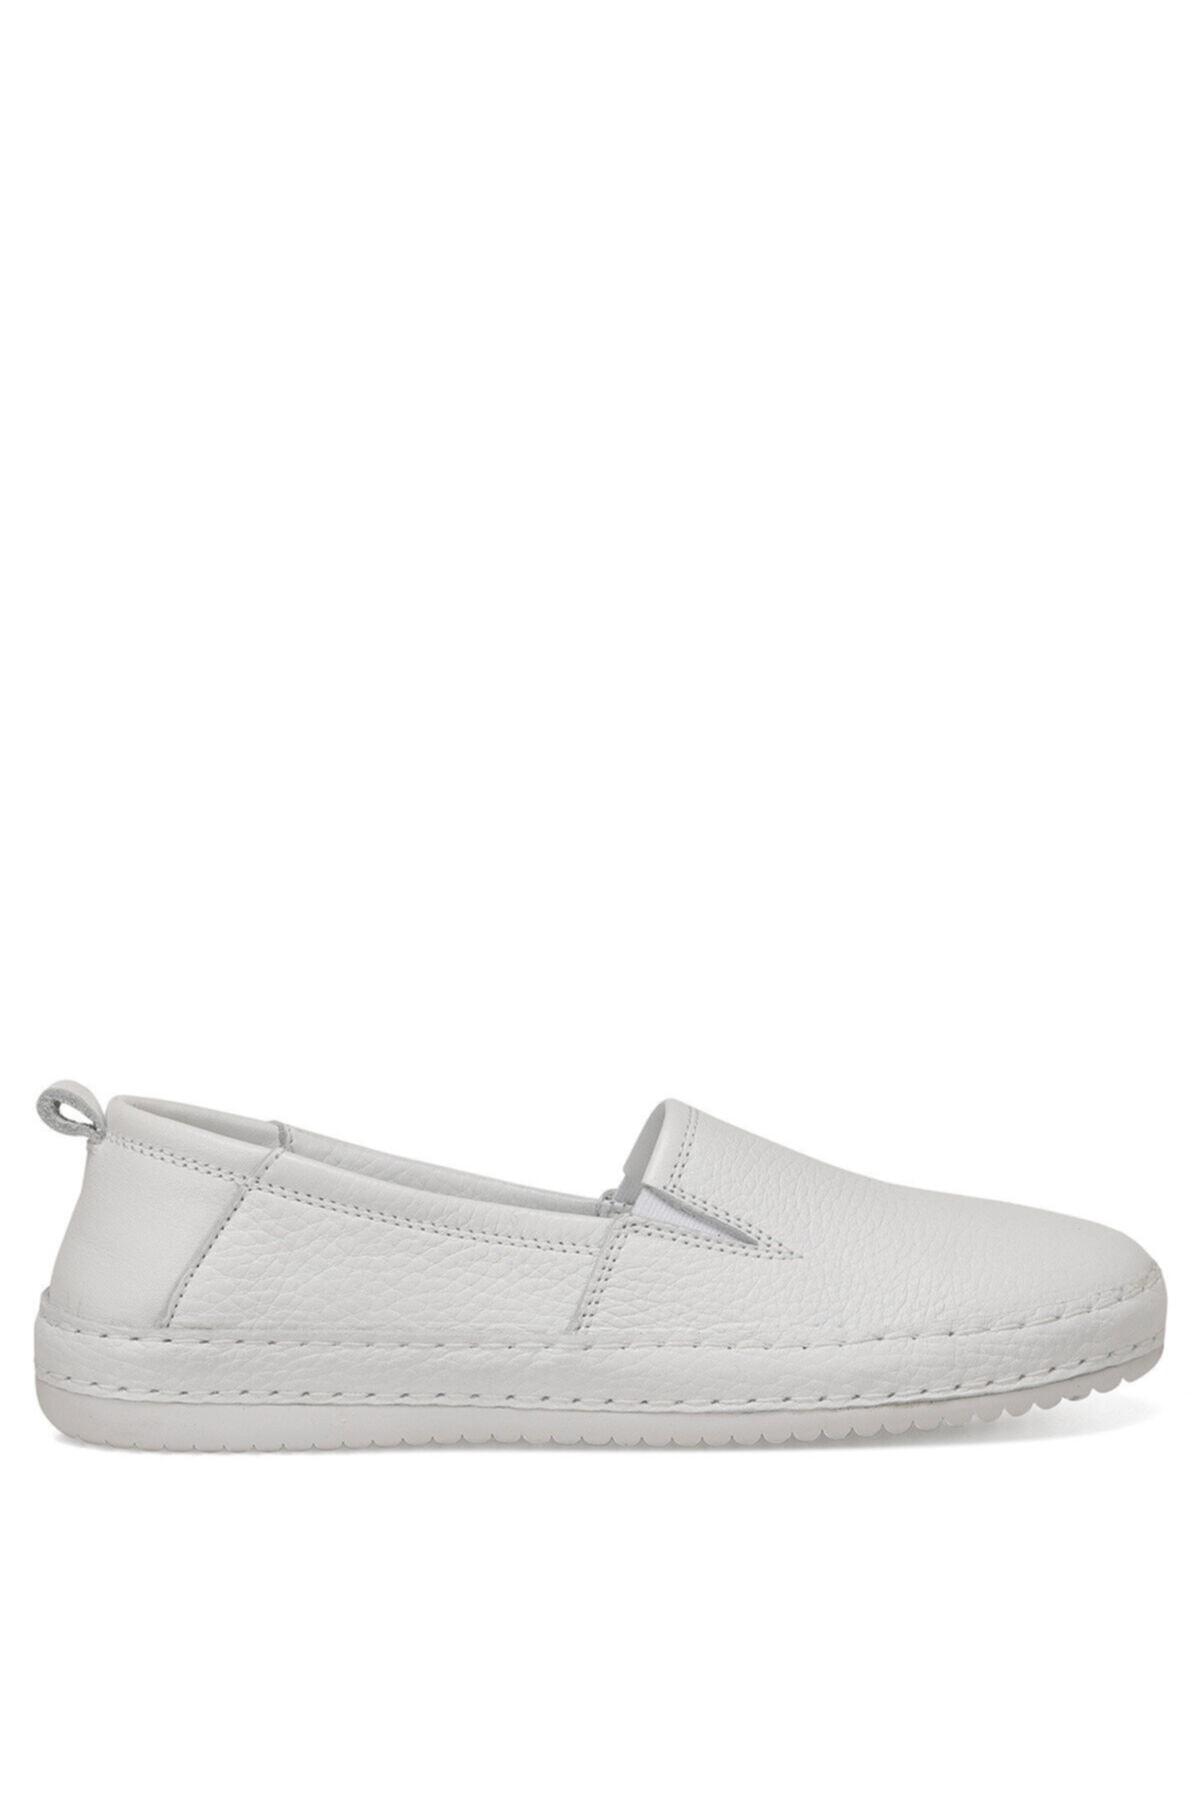 Nine West TISO Beyaz Kadın Günlük Ayakkabı 100526809 2